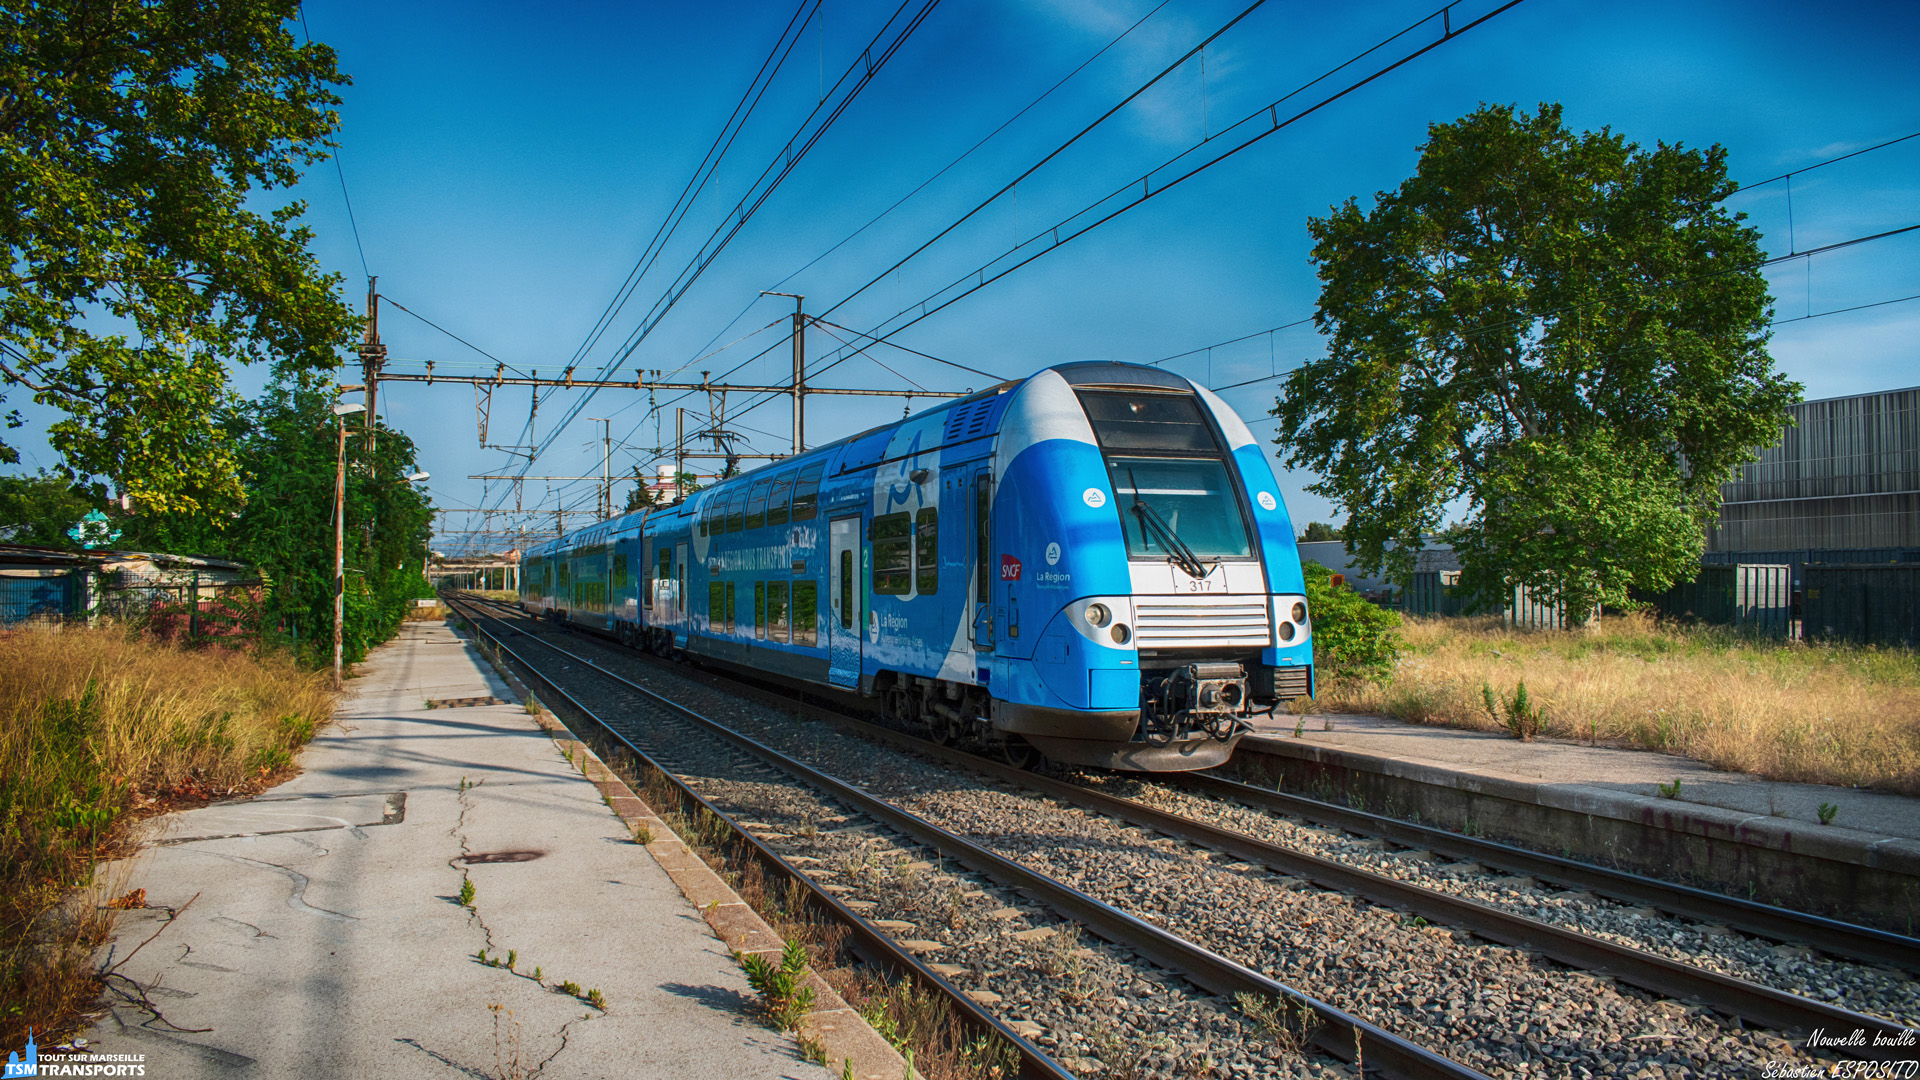 Au loin, au bout de la ligne droite, derrière les mirages, je pensai que s'était encore un énième ouigo qui s'approchait et bien non ce ne fut pas un train à grande vitesse, mais une Z24500 fraîchement revêtue de sa nouvelle livrée AURA qui passe à allure soutenue dans l'ancienne gare de Saint Louis Les Aygalades. . Cette automotrice au départ de Marseille Saint Charles file désormais vers Lyon Part-Dieu. . ℹ️ Alstom Z24500 (Z24533 / Z24534) Rame : 317 SNCF. . 📍 Ancienne Gare de Saint Louis Les Aygalades, 15eme arrondissement de Marseille. . 🖌️ Livrée Région Auvergne Rhône Alpes. . 📸 Nikon D5600. . 📷 Nikkor 18-55mm. . 📅 3 Juillet 2019 à 19:09. . 👨 Sébastien ESPOSITO.